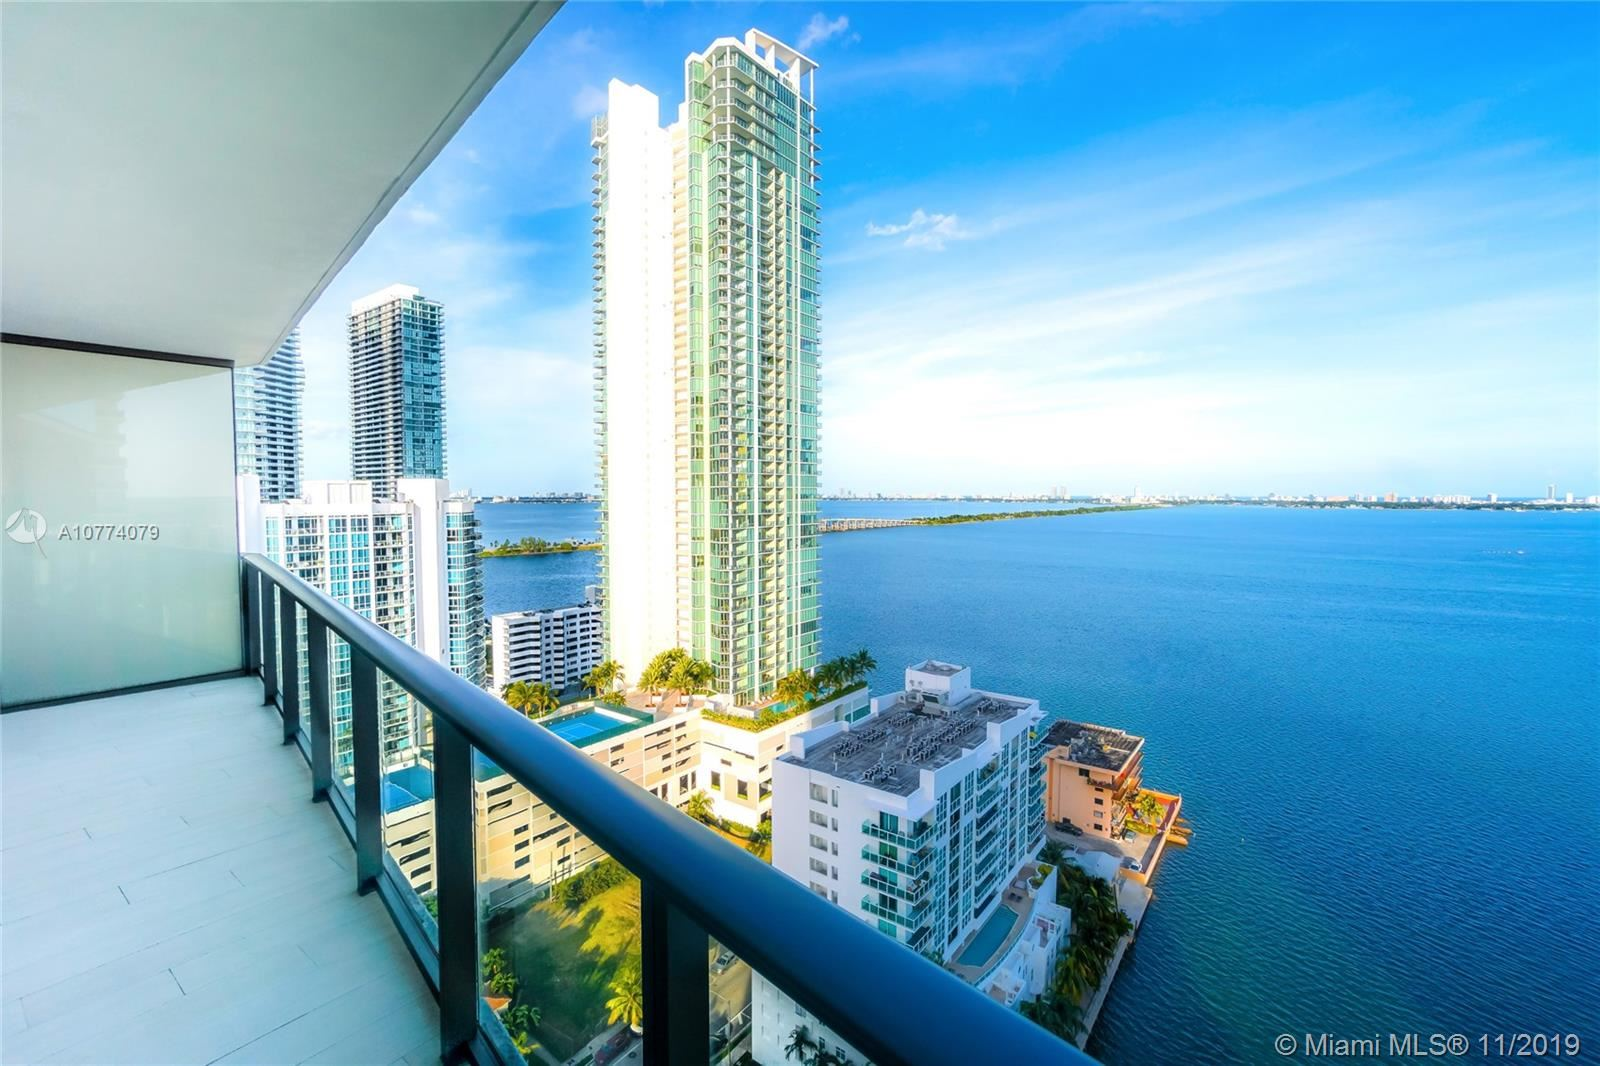 460 NE 28 ST #2302, Miami, FL 33137 - MLS#: A10774079